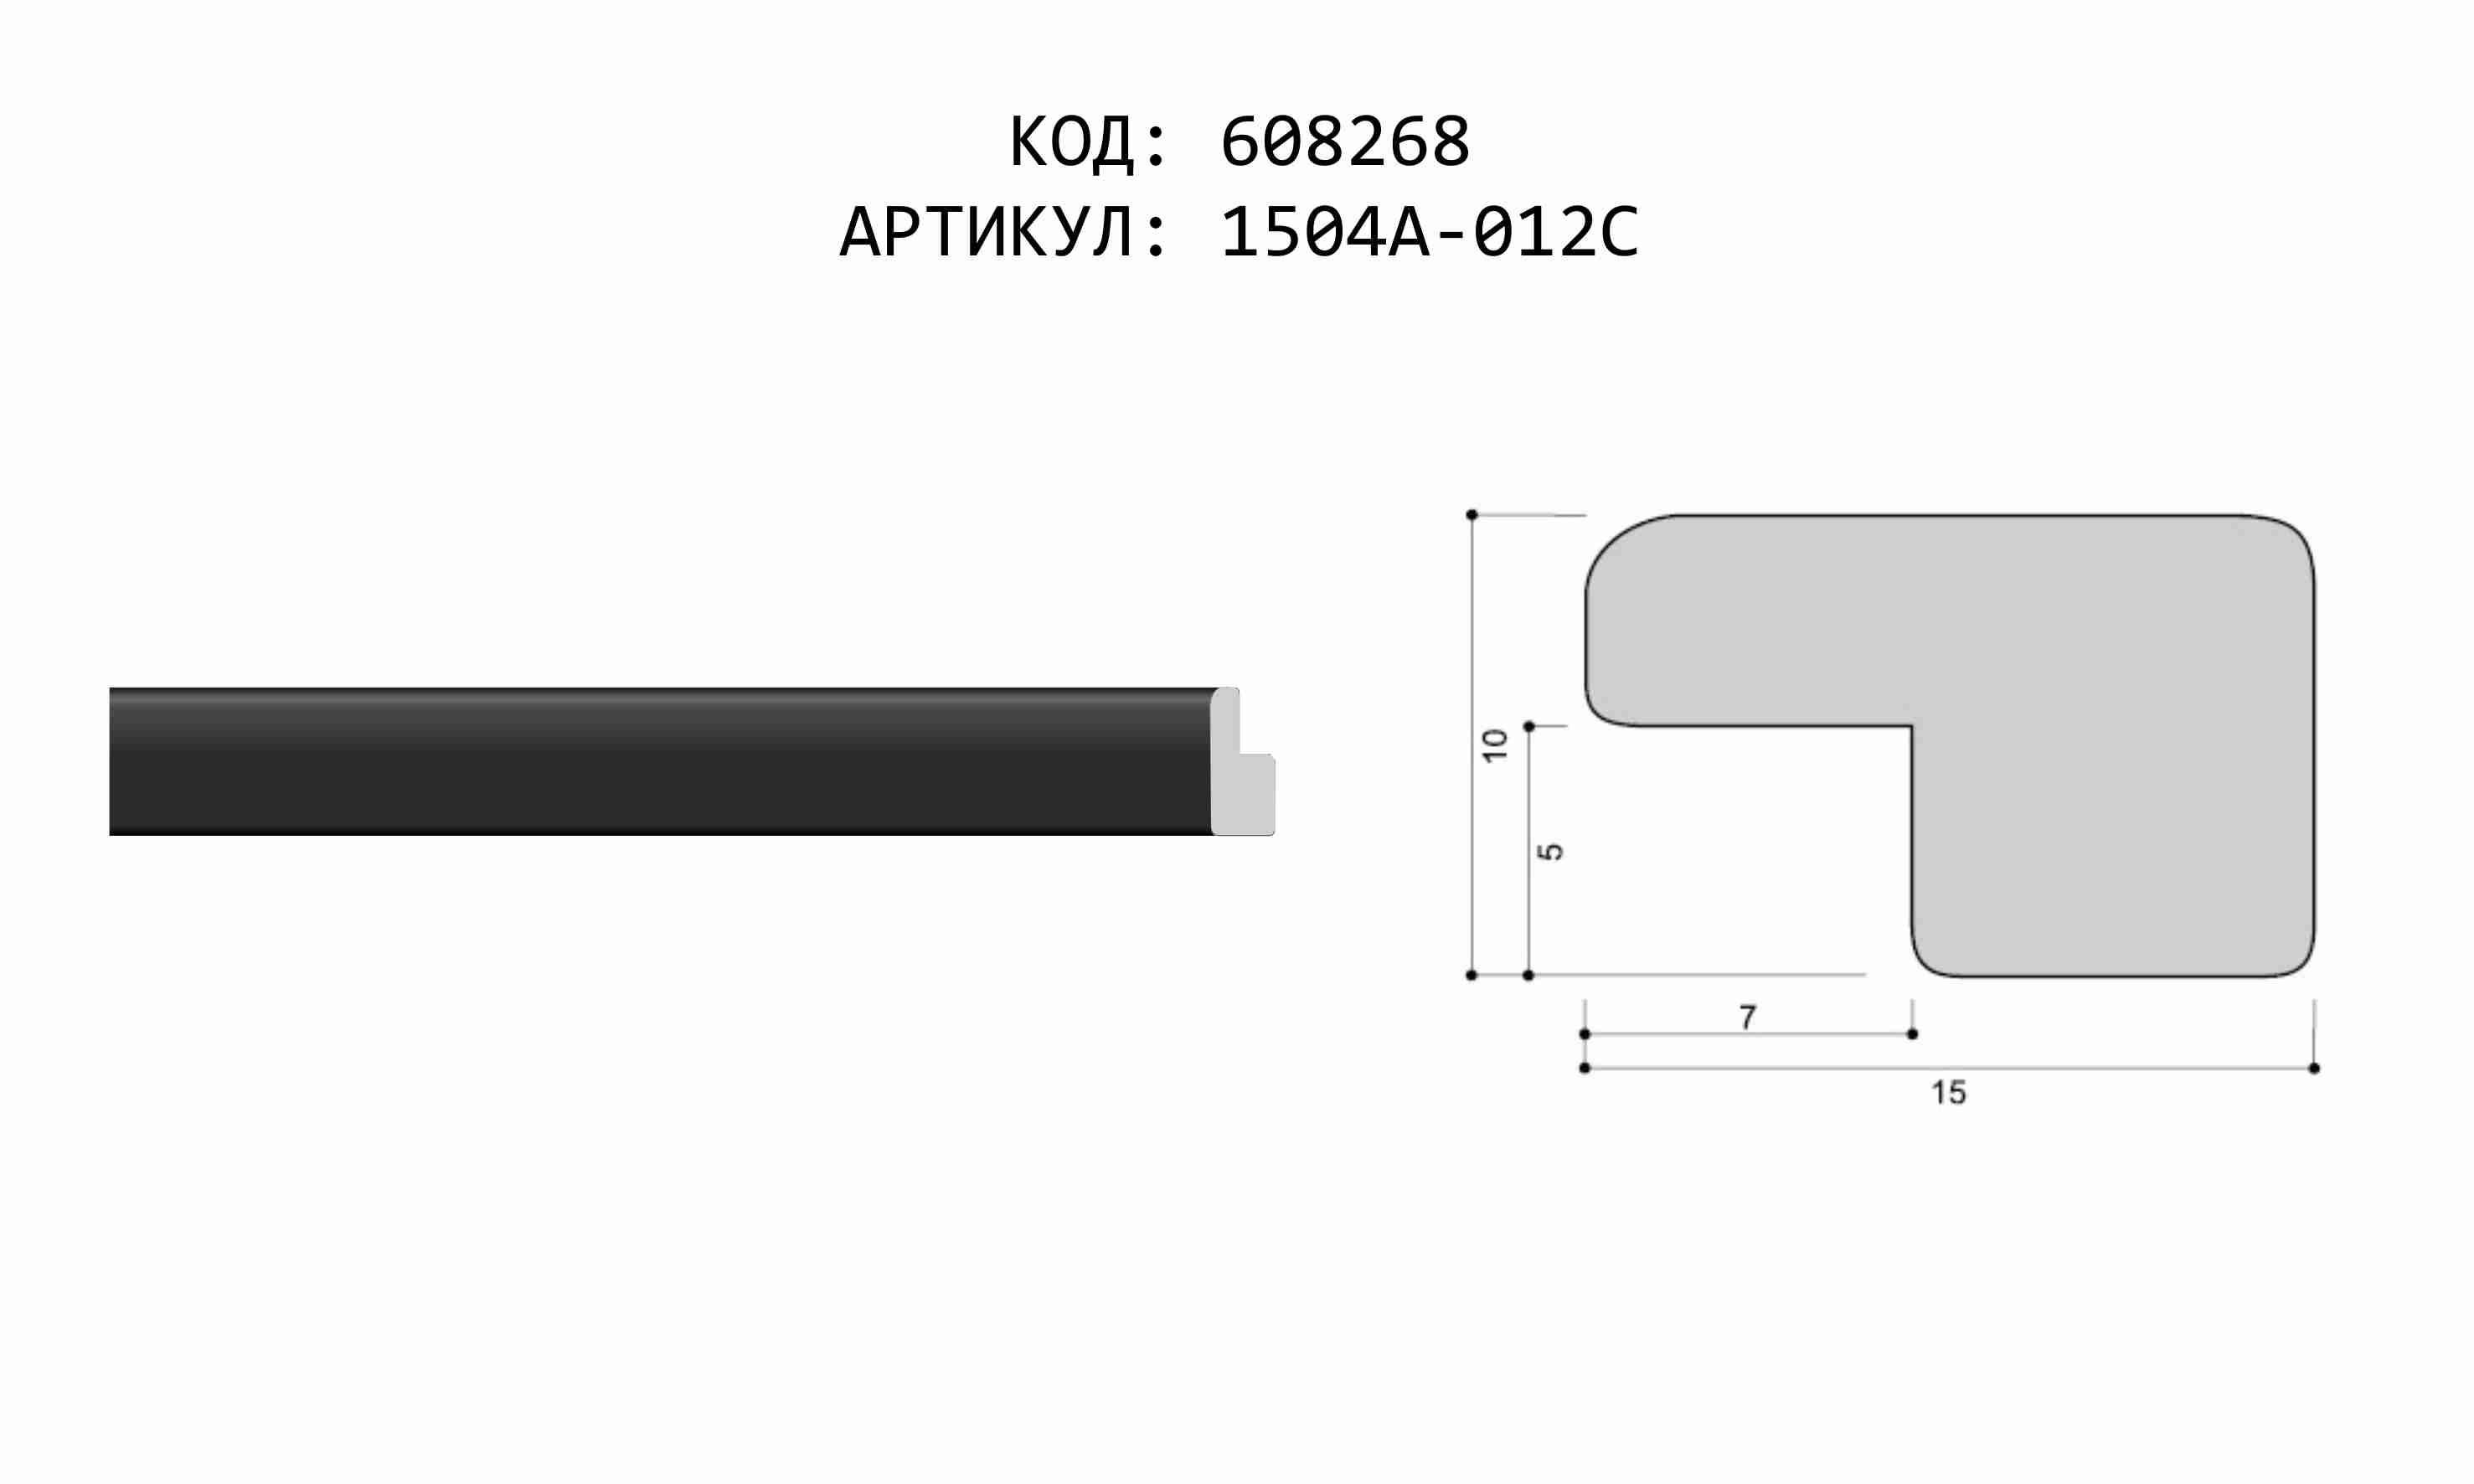 Артикул: 1504A-012C